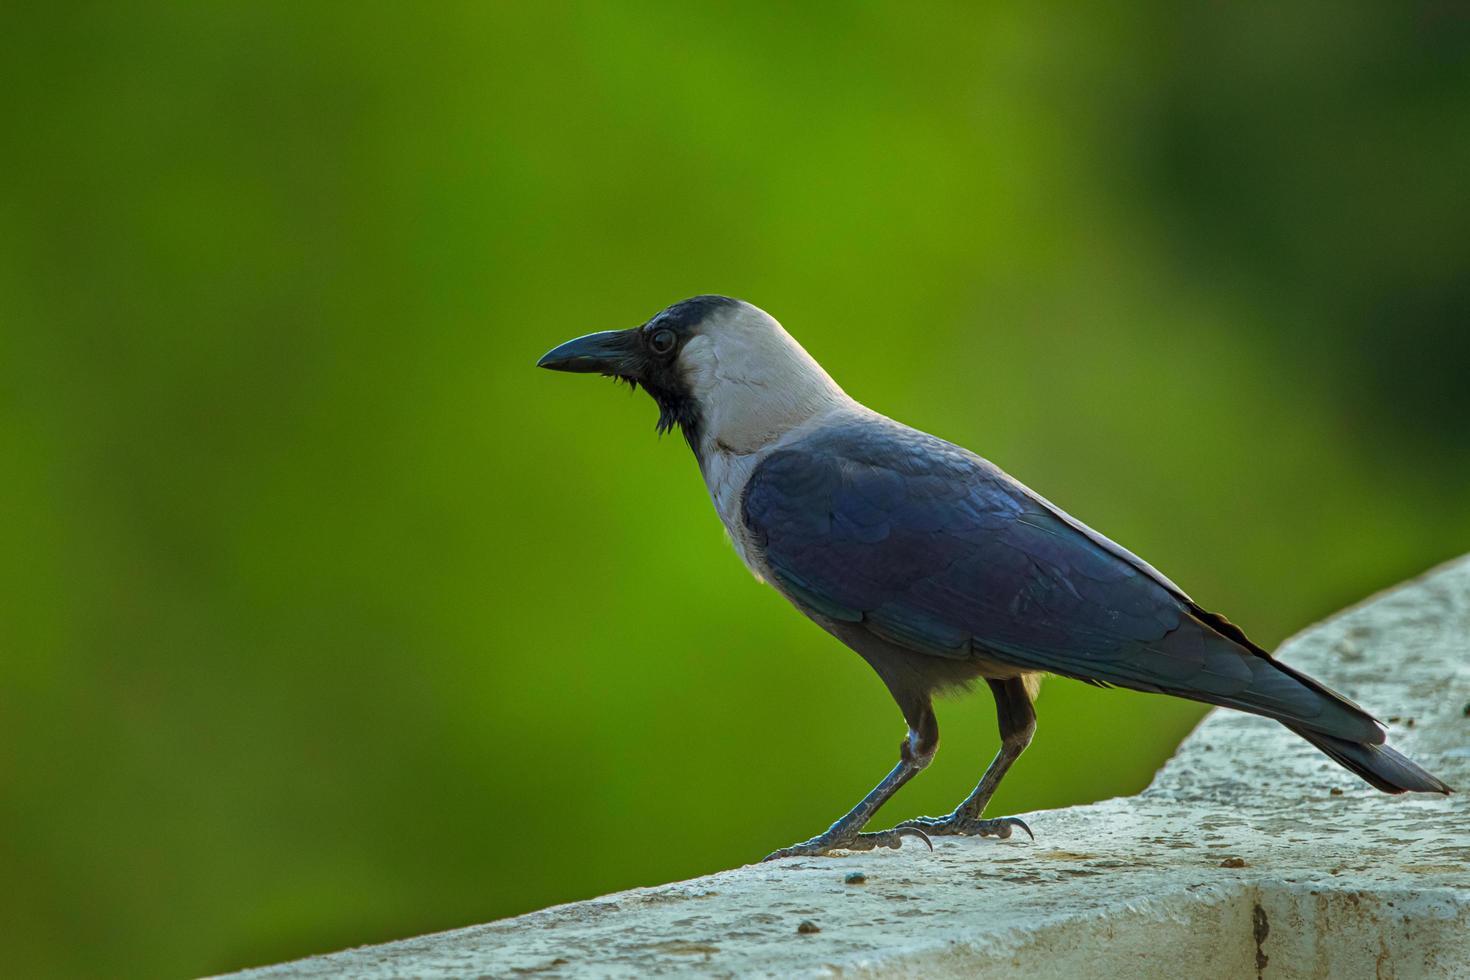 primo piano di un uccello nero e grigio foto